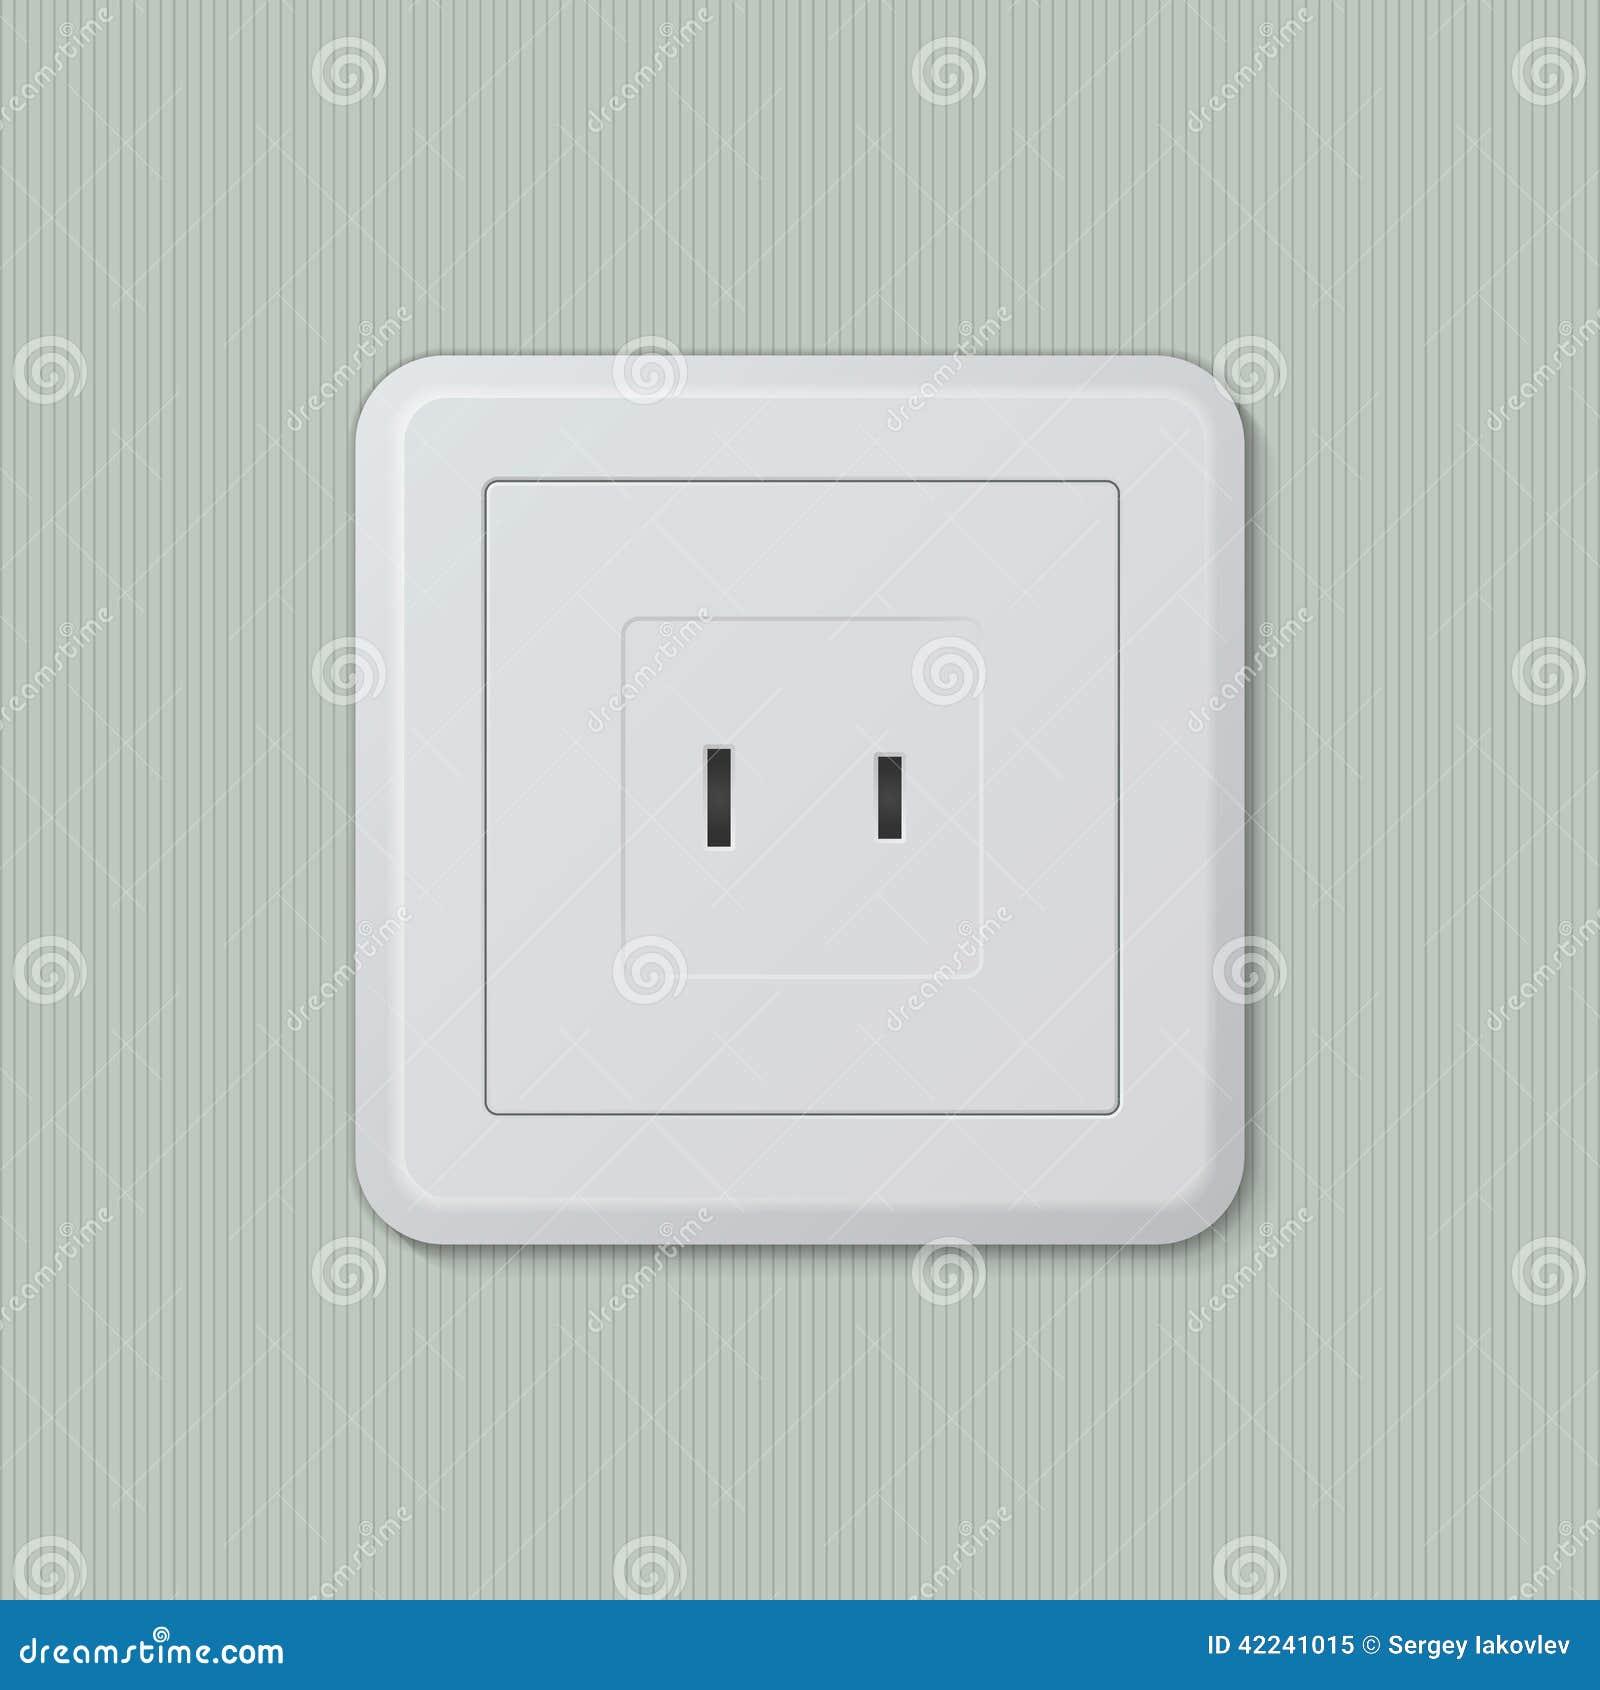 Prise lectrique am ricaine 04 - Prise electrique japon ...